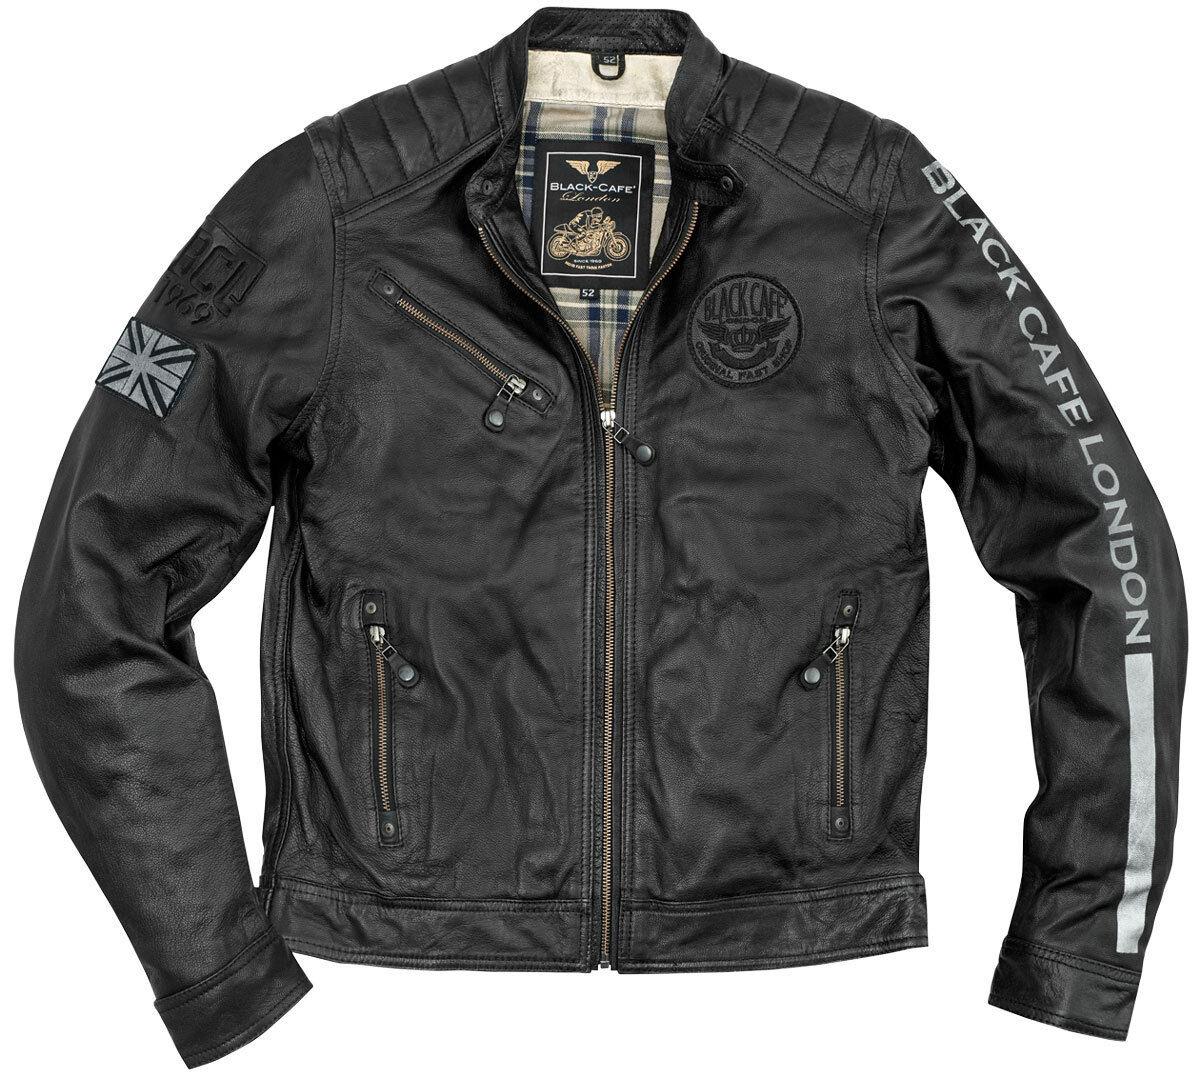 Black-Cafe London Shanghai Veste en cuir de moto Noir Blanc taille : 60